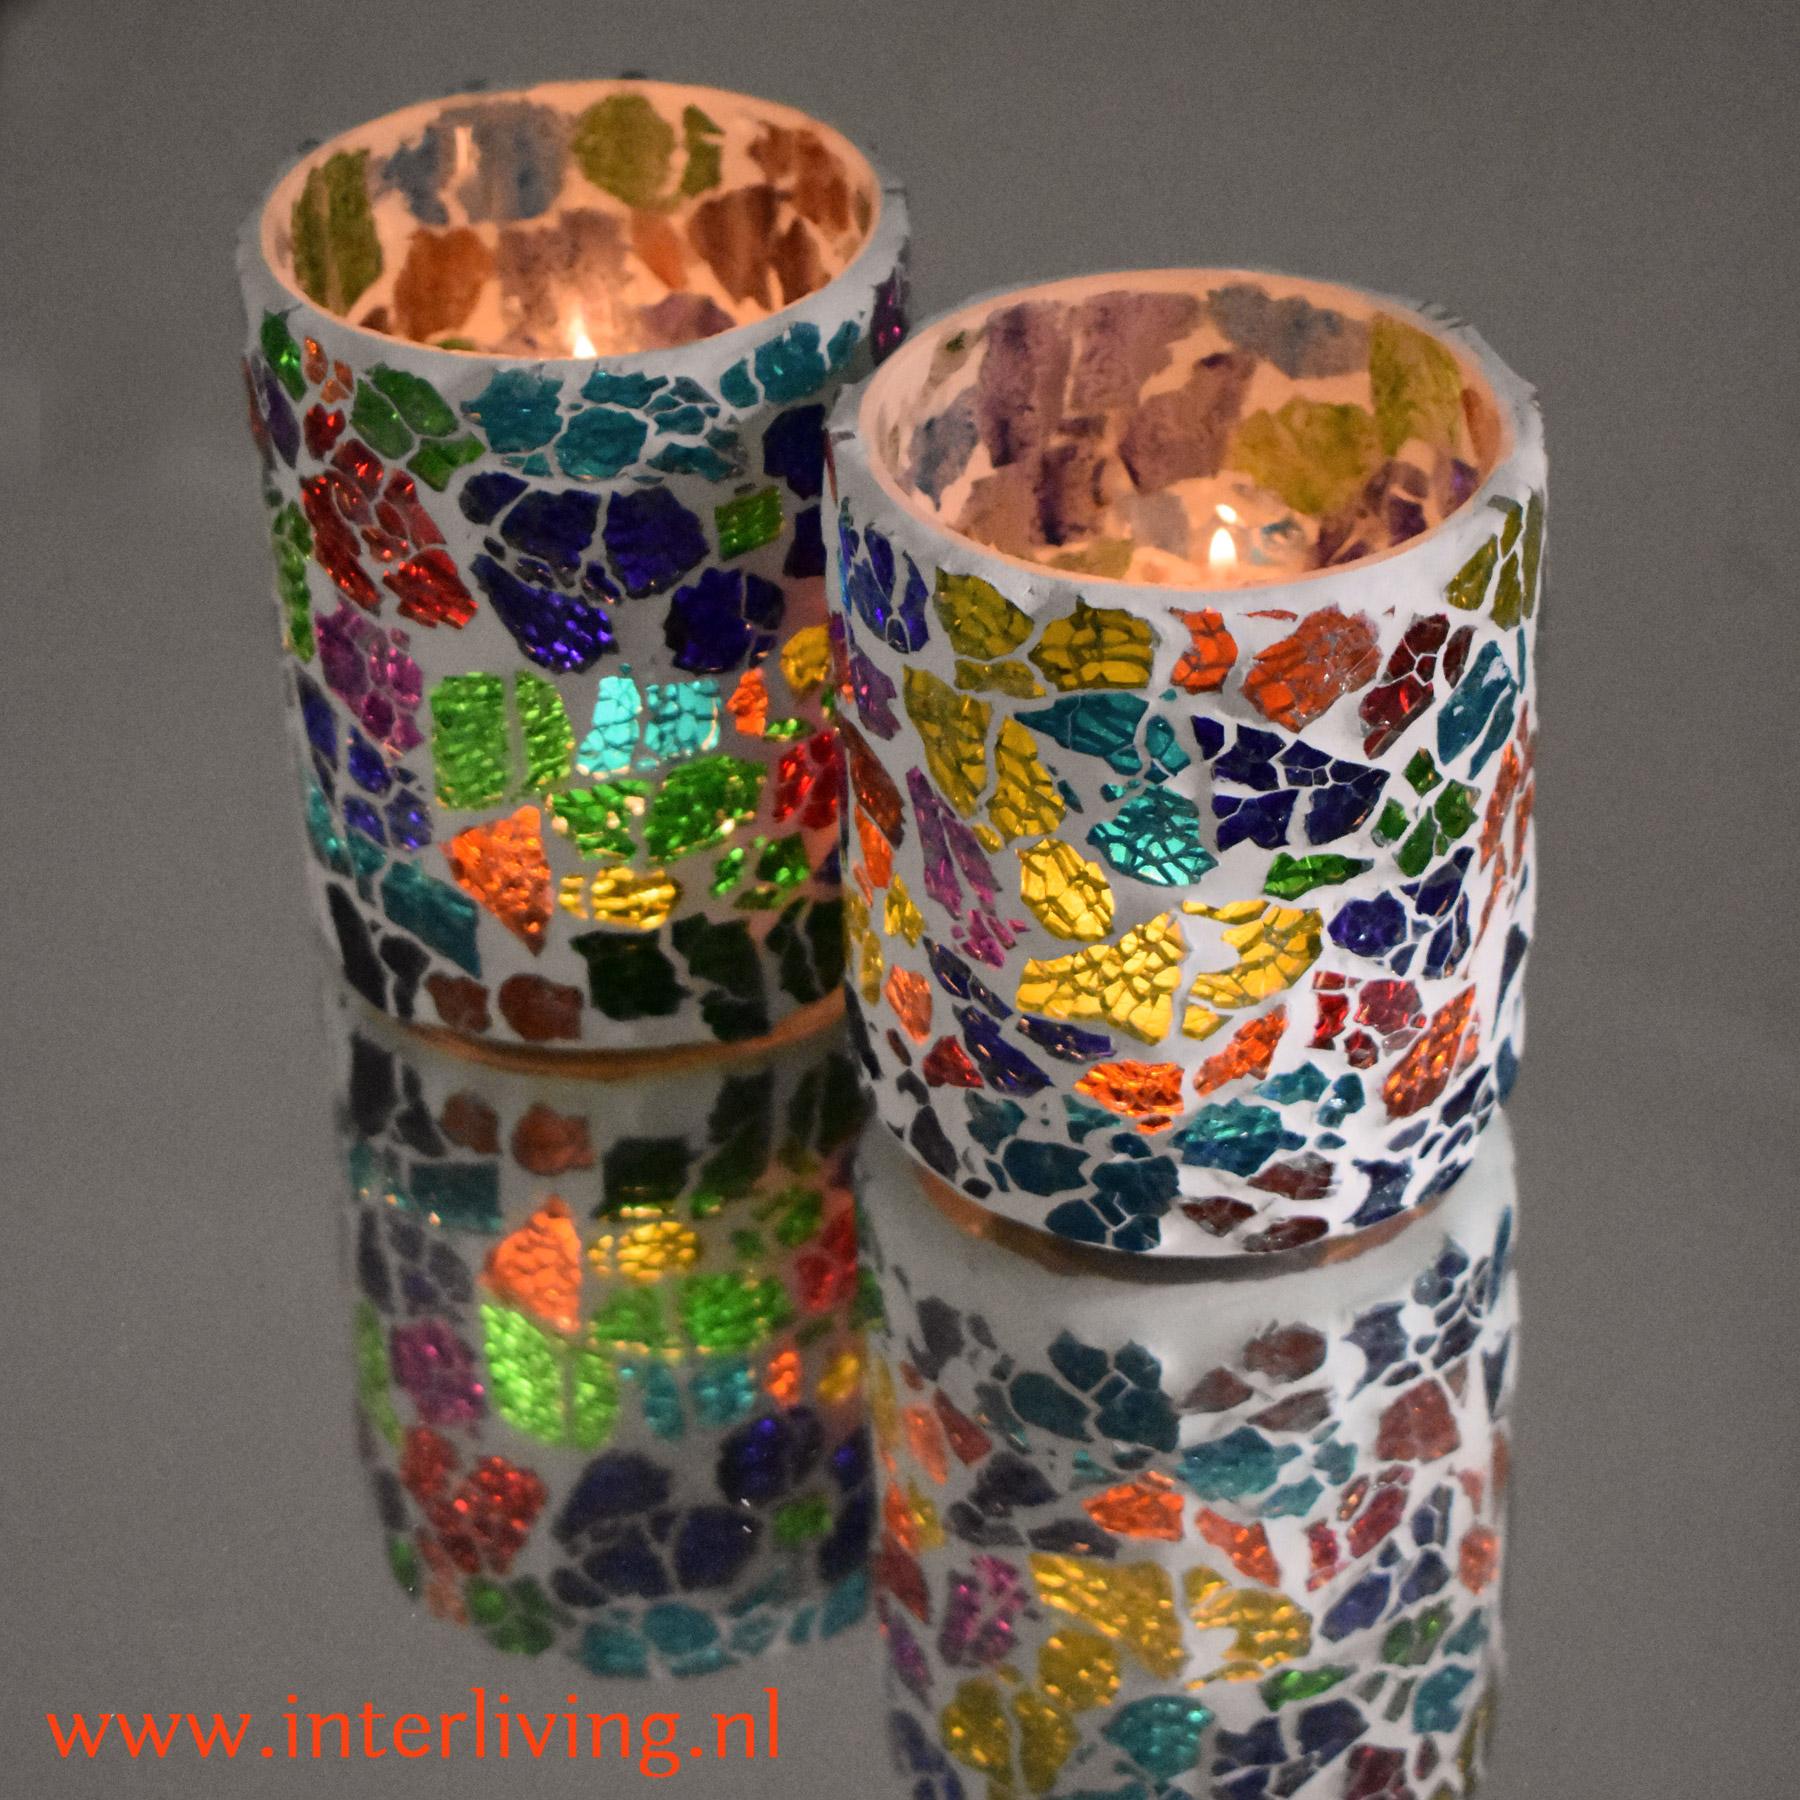 kleurrijke woonaccessoires voor iedere interieur stijl - sfeerlichtje voor je huis of tuin